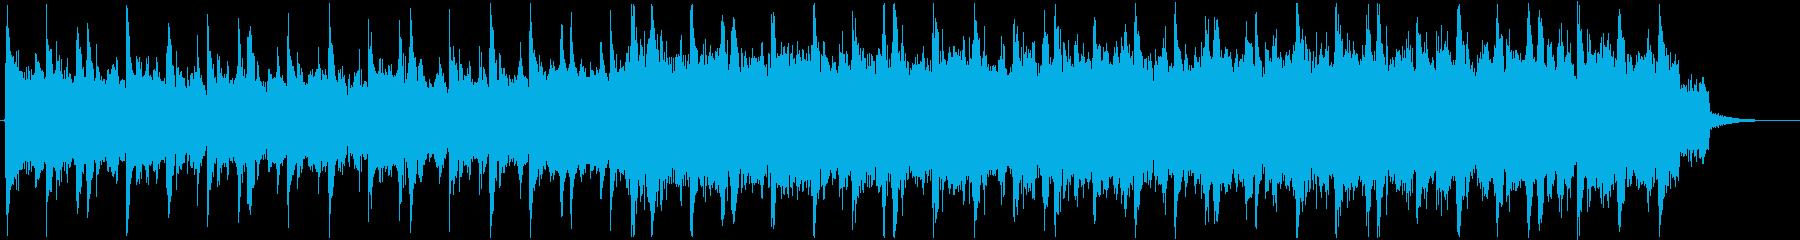 不思議な浮遊感あるシンセサイザーの曲の再生済みの波形